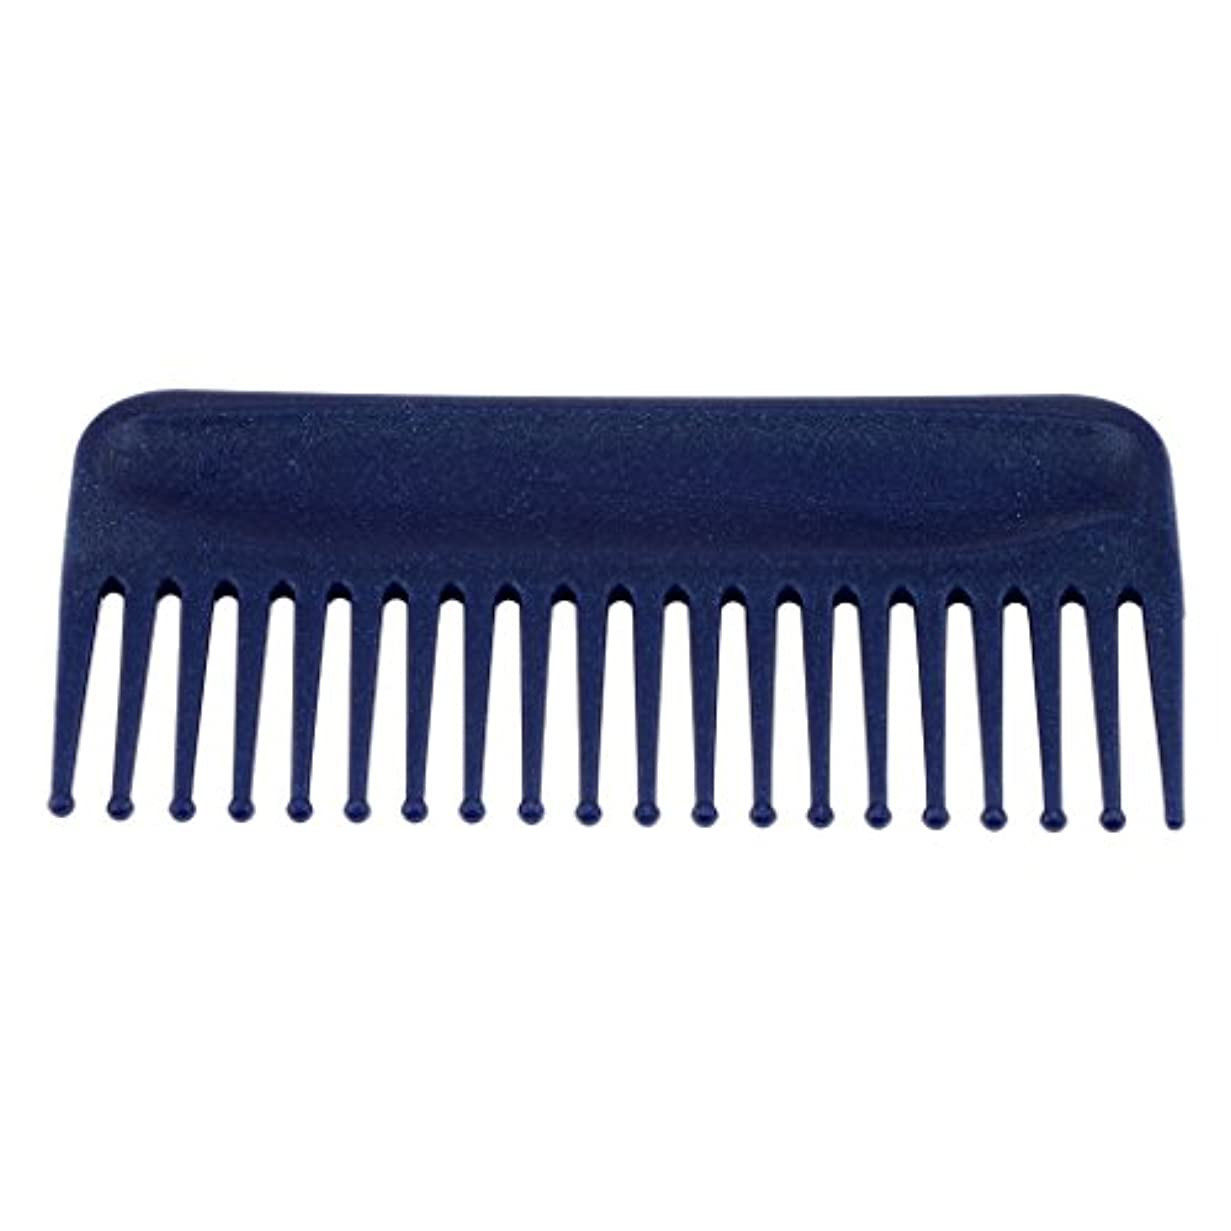 どんなときも焼く明確なヘアコーム サロン ヘアケア 脱毛ヘアコーム ヘアブラシ 耐熱性 帯電防止 頭皮 マッサージ 丸いヘッド 4色選べる - 青